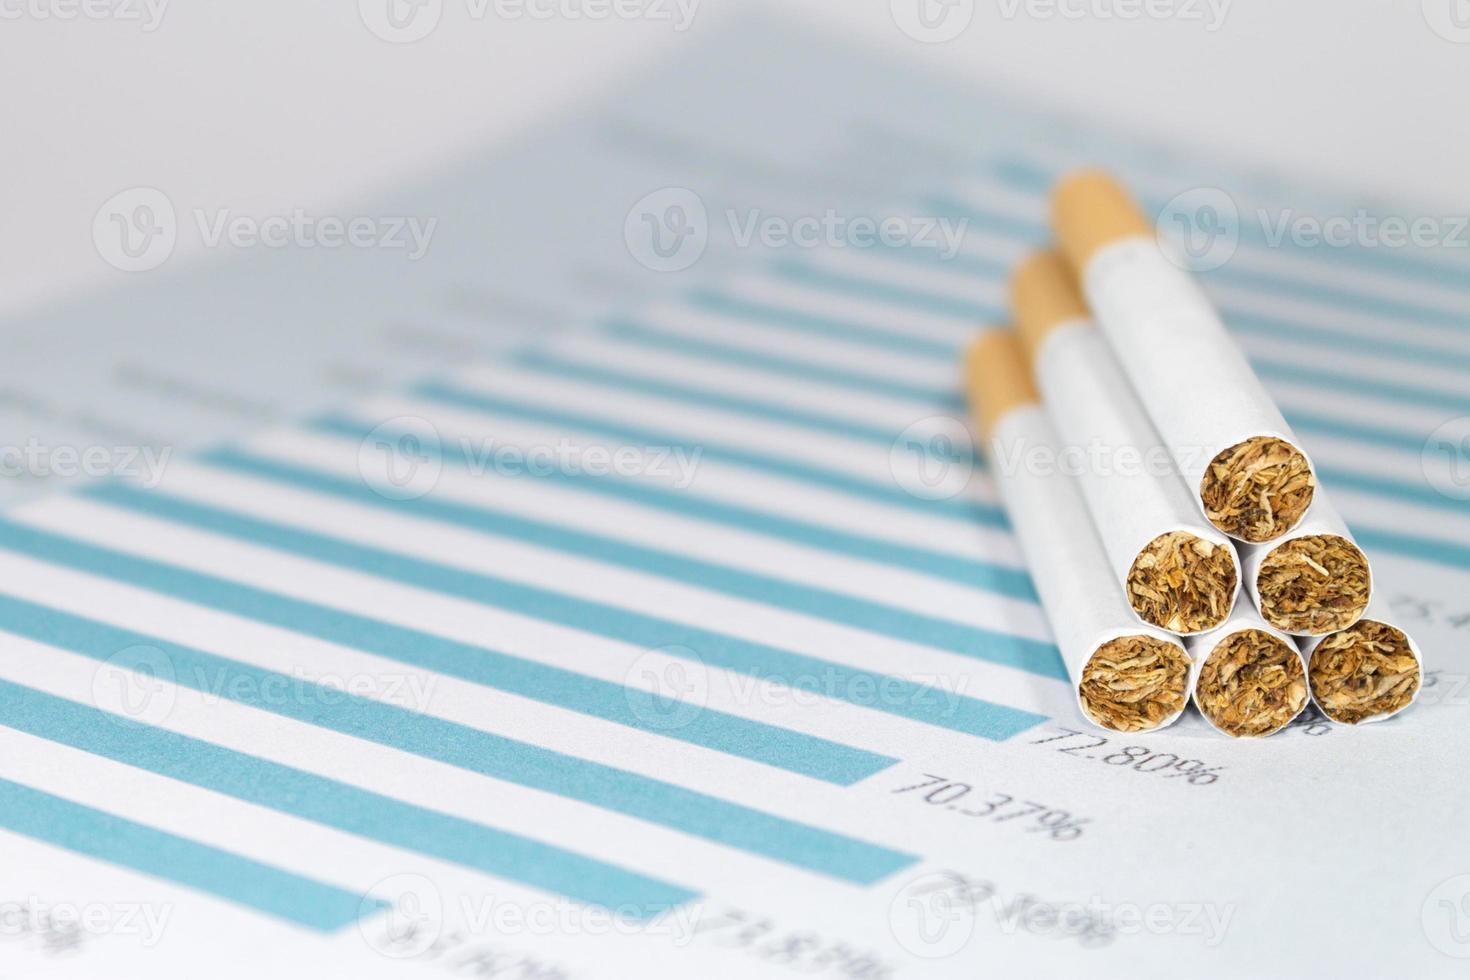 sigaretten op belastingkaart foto